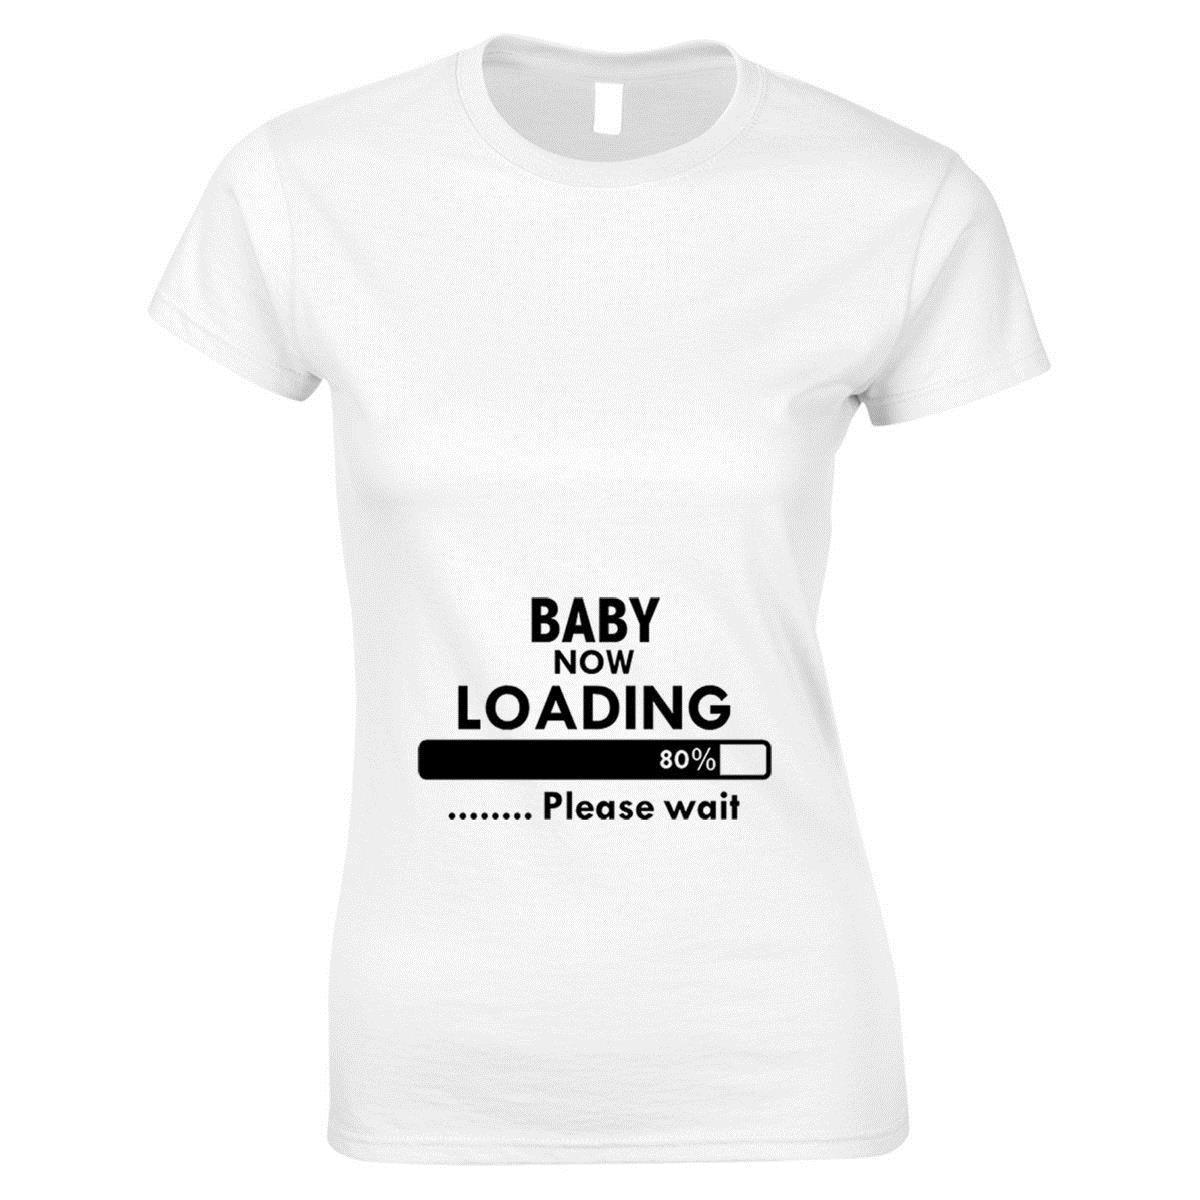 ee264b4aa Compre Bebé Ahora Cargando Divertido Maternidad Embarazo Top Womans  Camiseta Bebé Ducha Regalo Verano Casual Hombre Buena Calidad Envío Gratis  A  12.78 Del ...